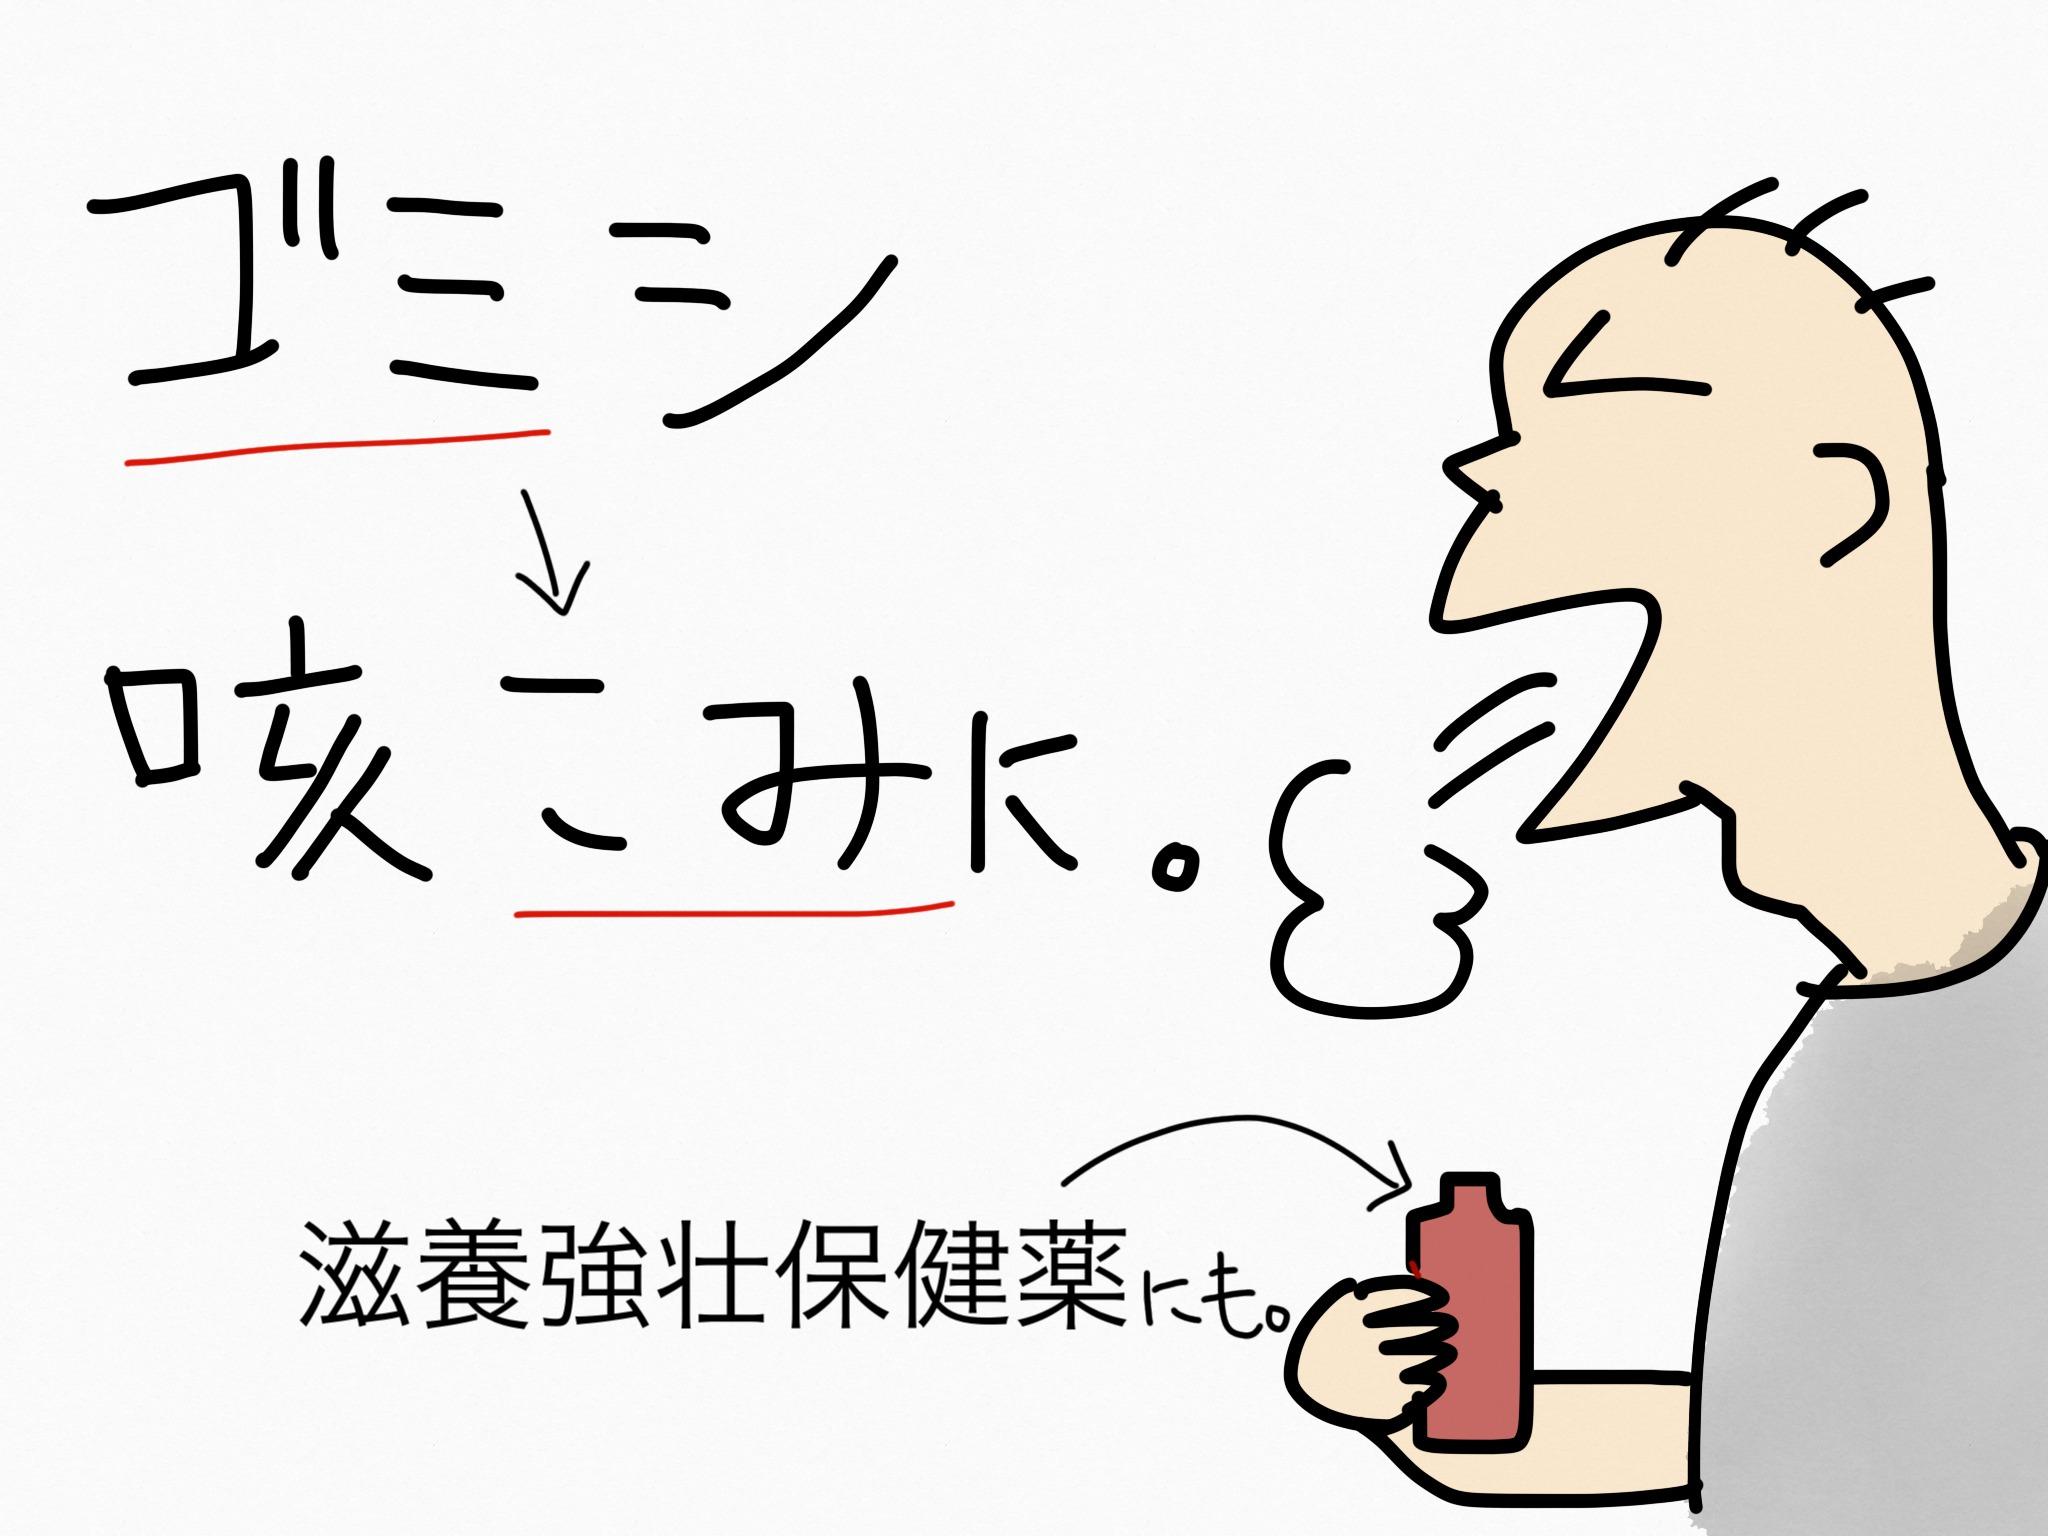 ゴミシ[鎮咳去痰薬他]生薬の覚え方・暗記方法・語呂合わせ